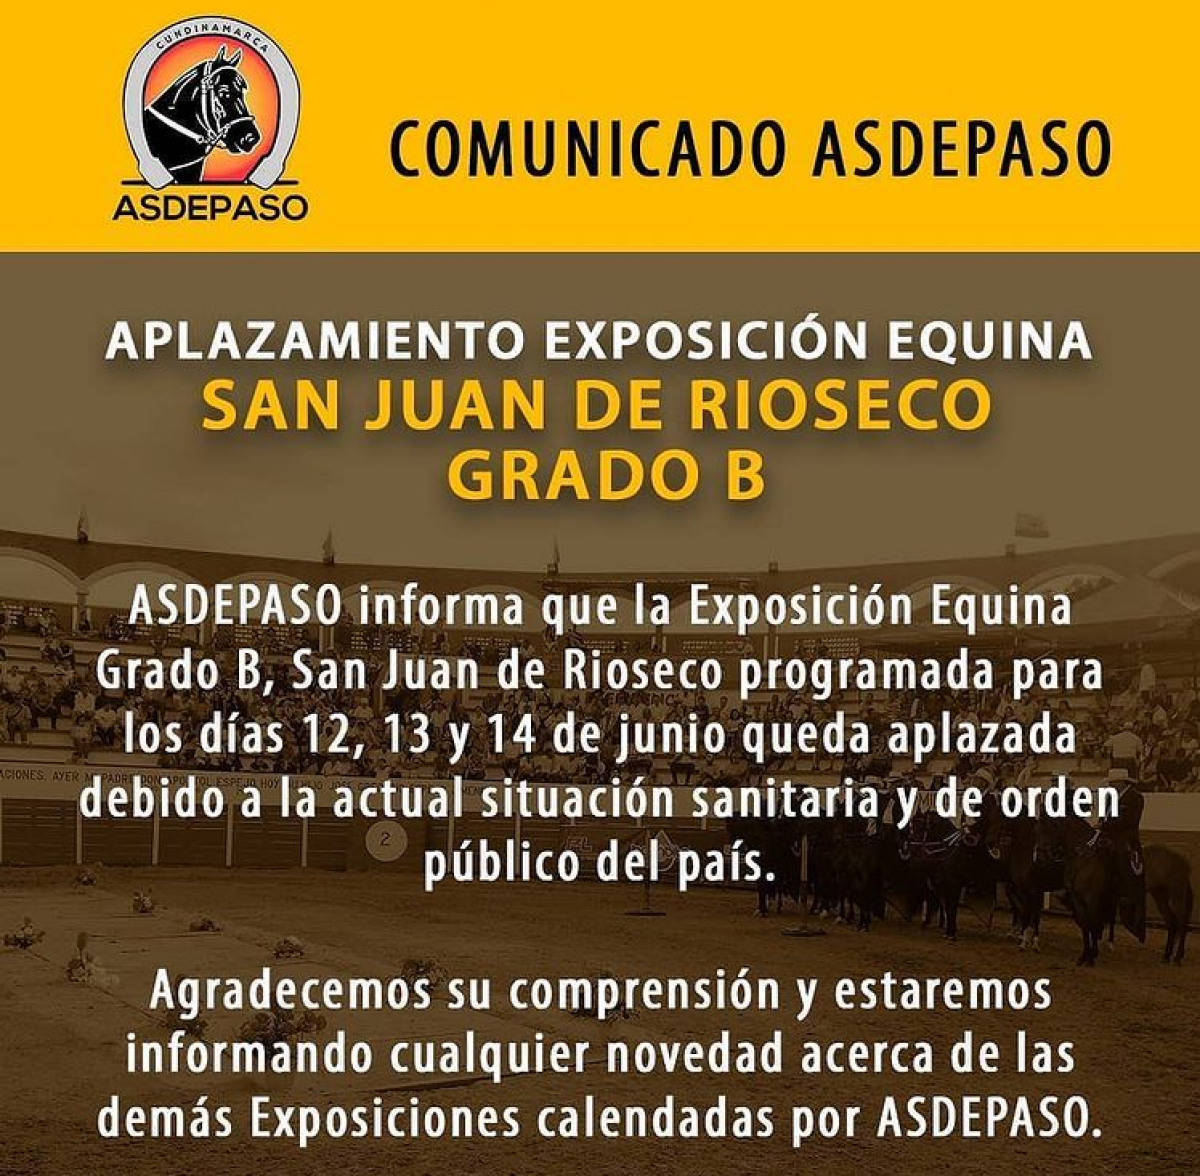 COMUNICADO ASDEPASO